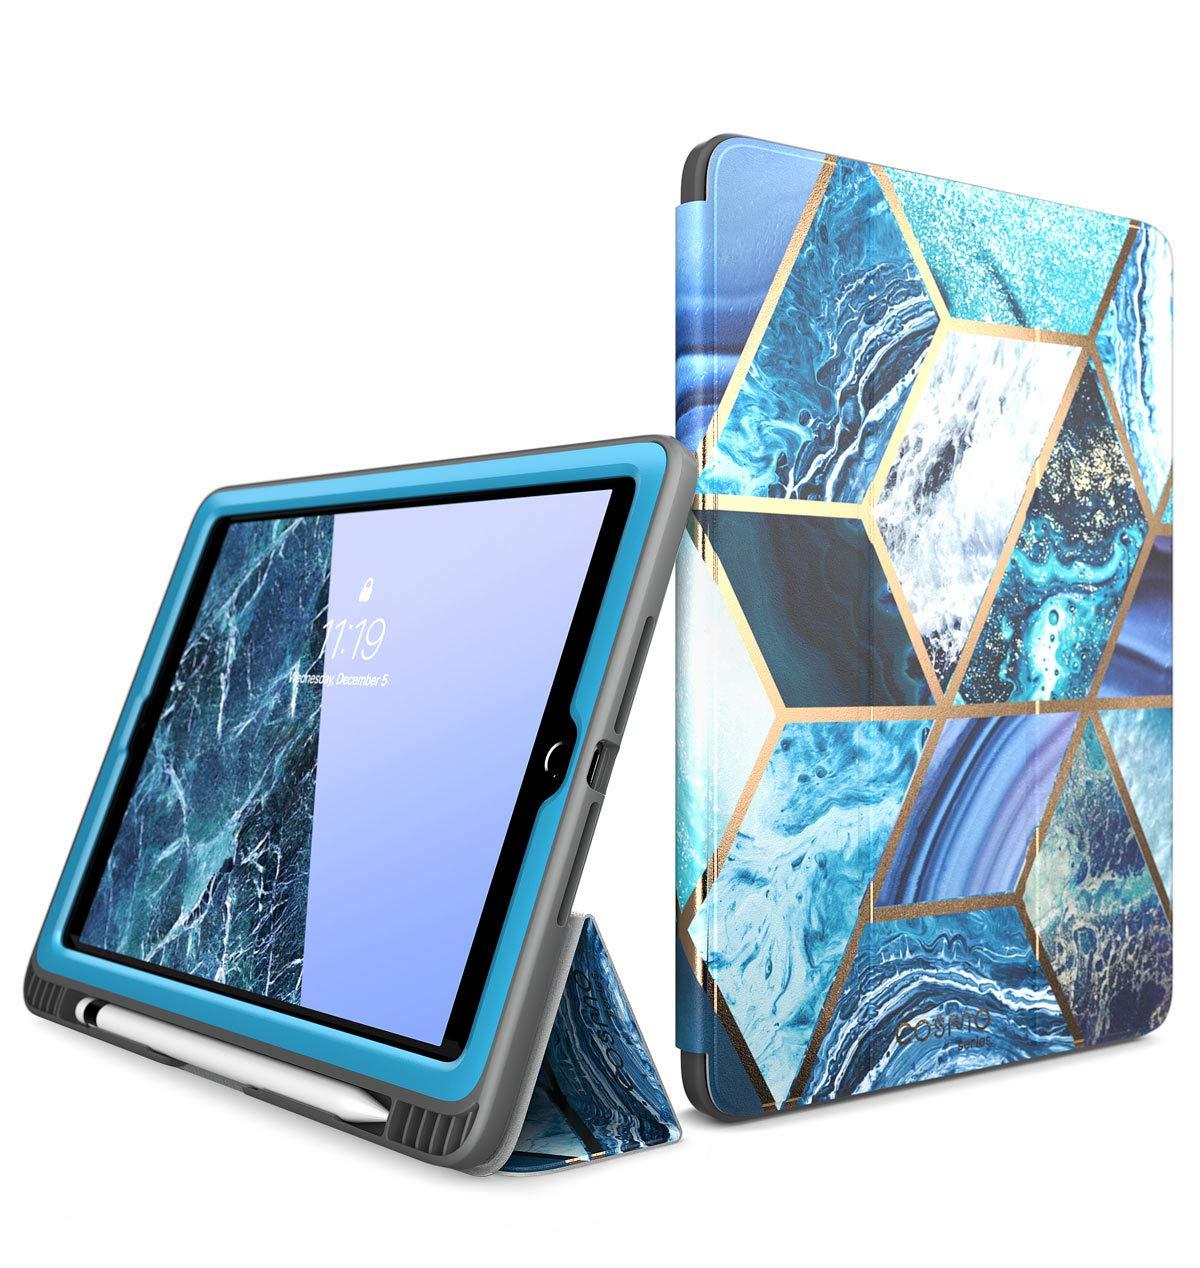 Funda Para Apple iPad 6 Generacion 9.7' - Marmolado Azul